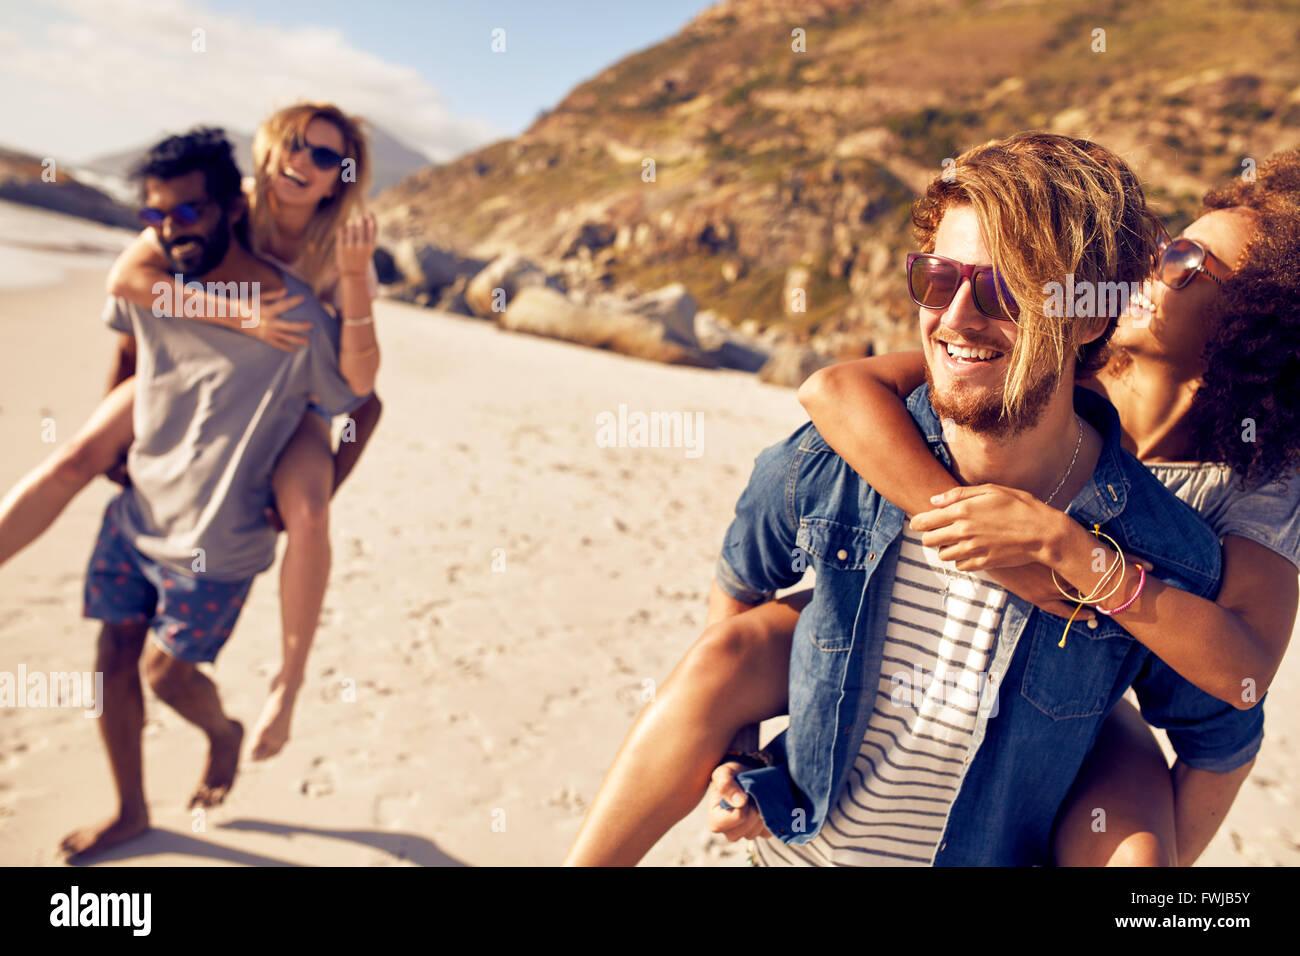 Giovani uomini piggybacking donne sulla riva del mare. Razza mista giovani godendo le vacanze estive presso la spiaggia. Immagini Stock